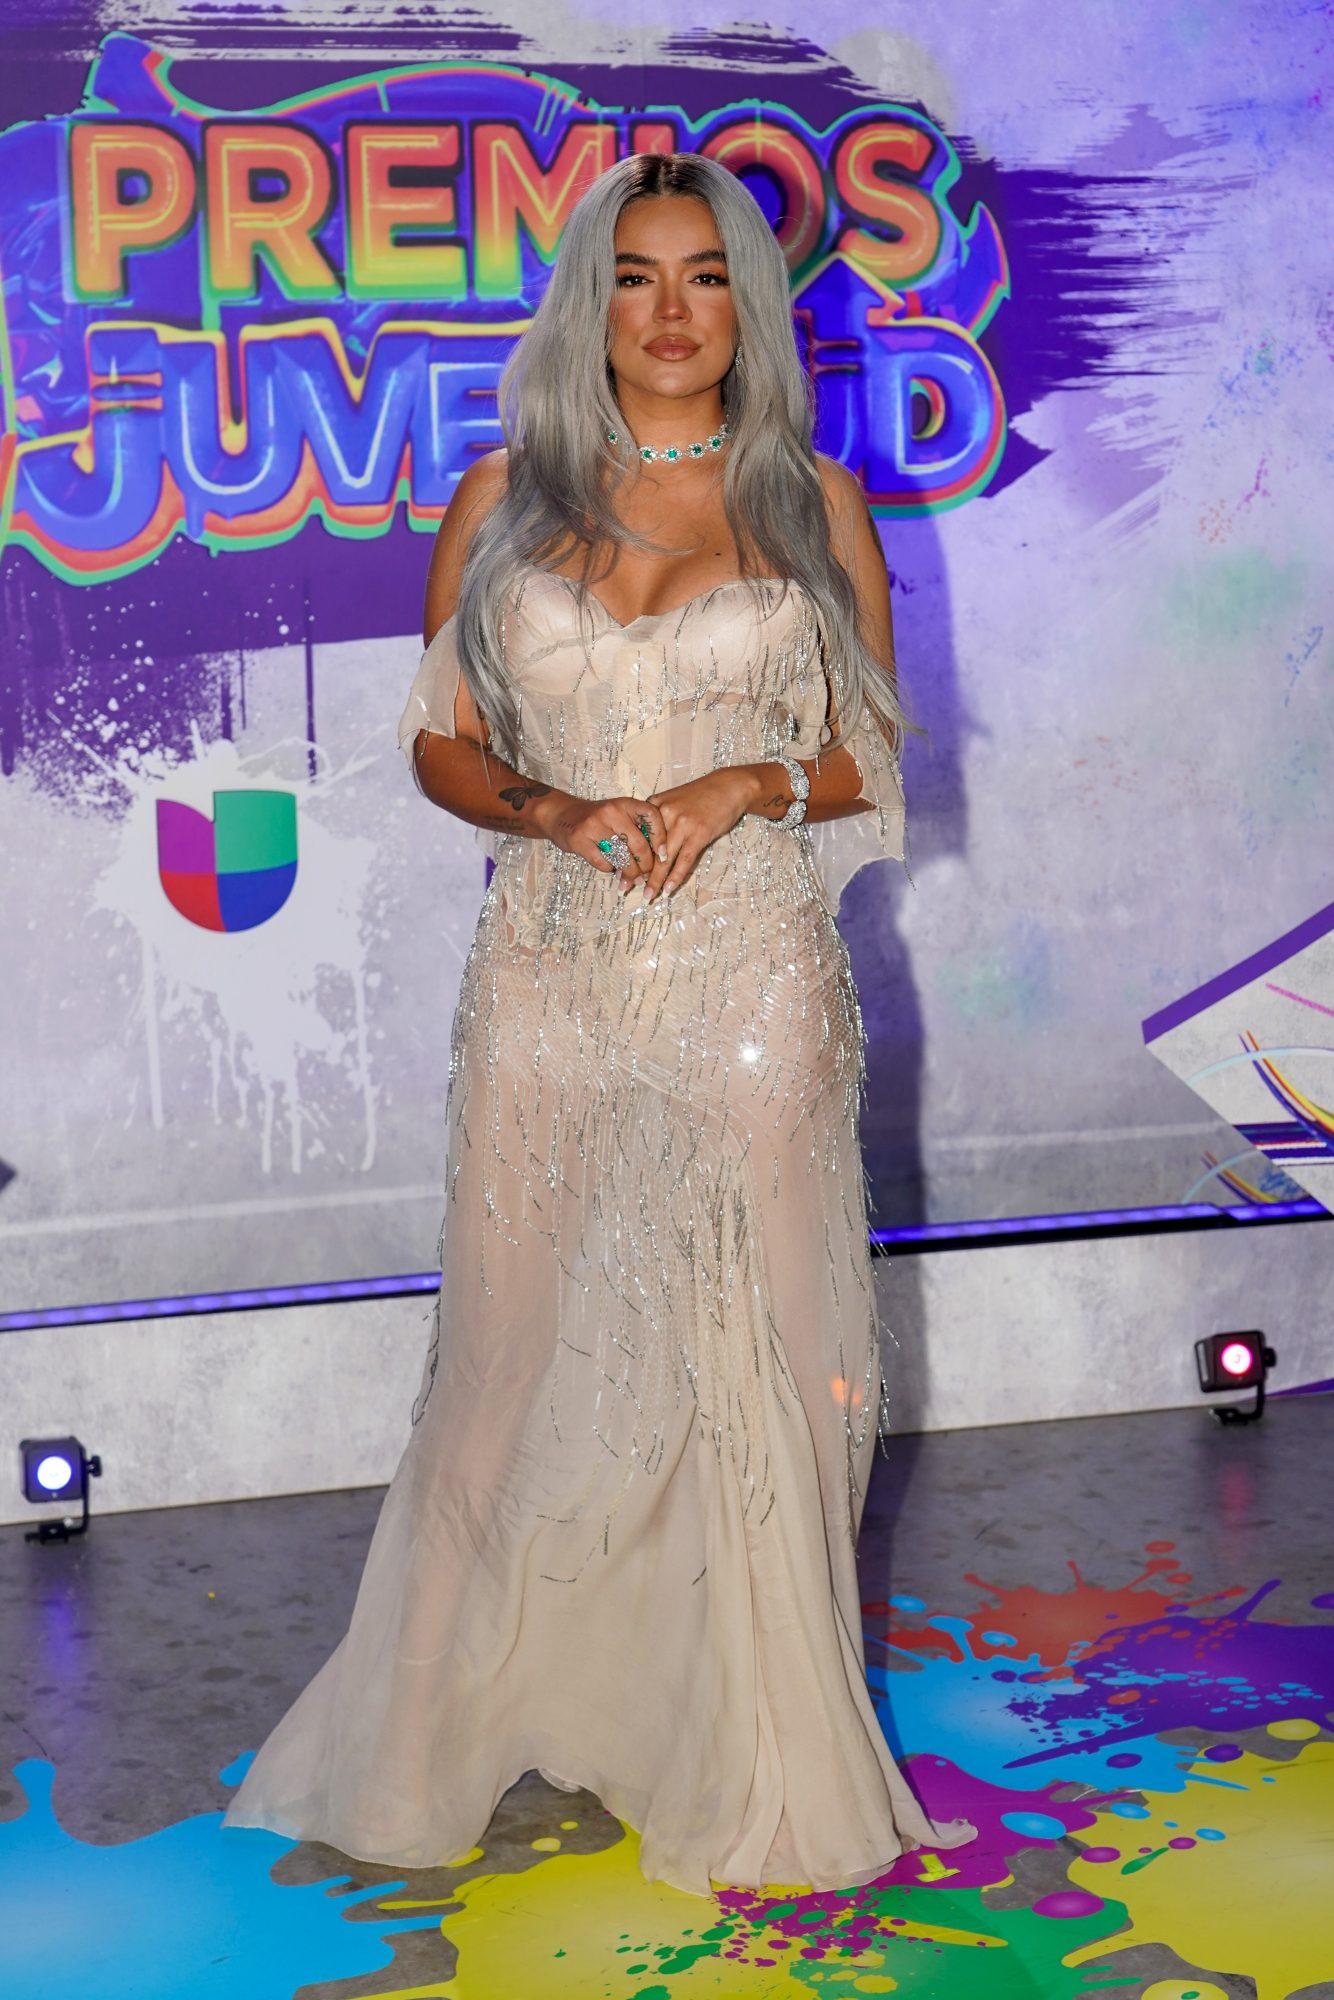 La cantante colombiana llamó la atención con este vestido crema con transparencias y pronunciado escote.